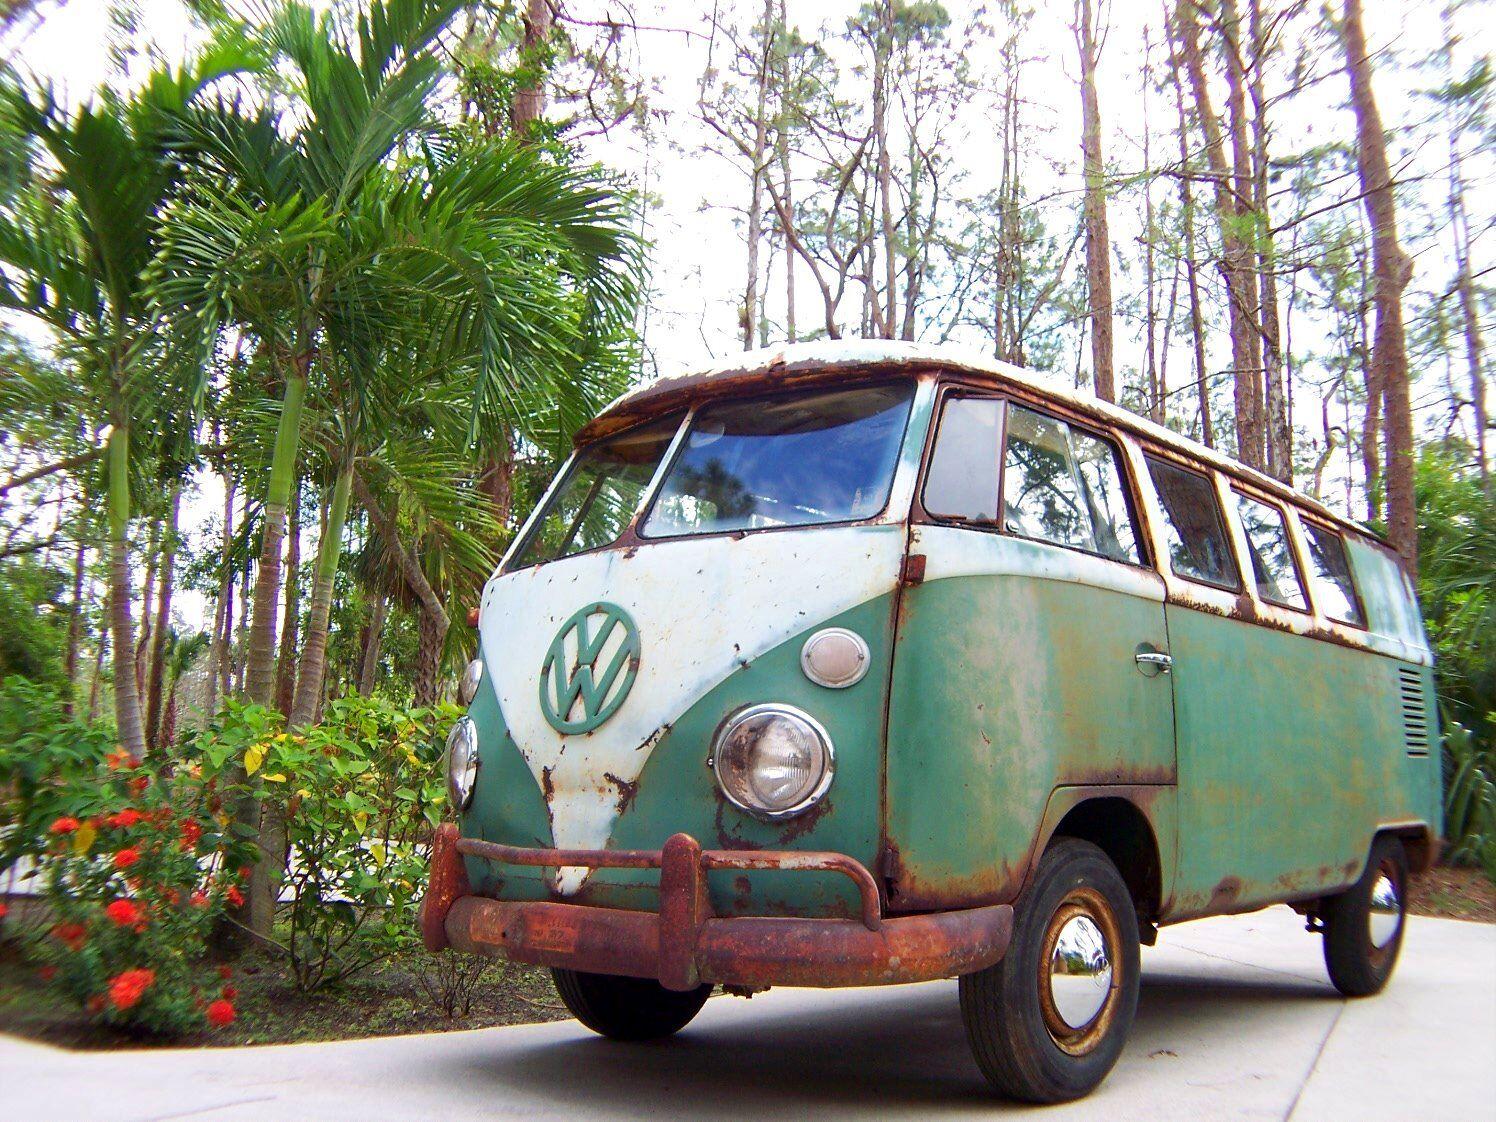 1965 Volkswagen Bus/Vanagon  1965 VW T1 Split Window Microbus, Restauration Project, 80 pics,